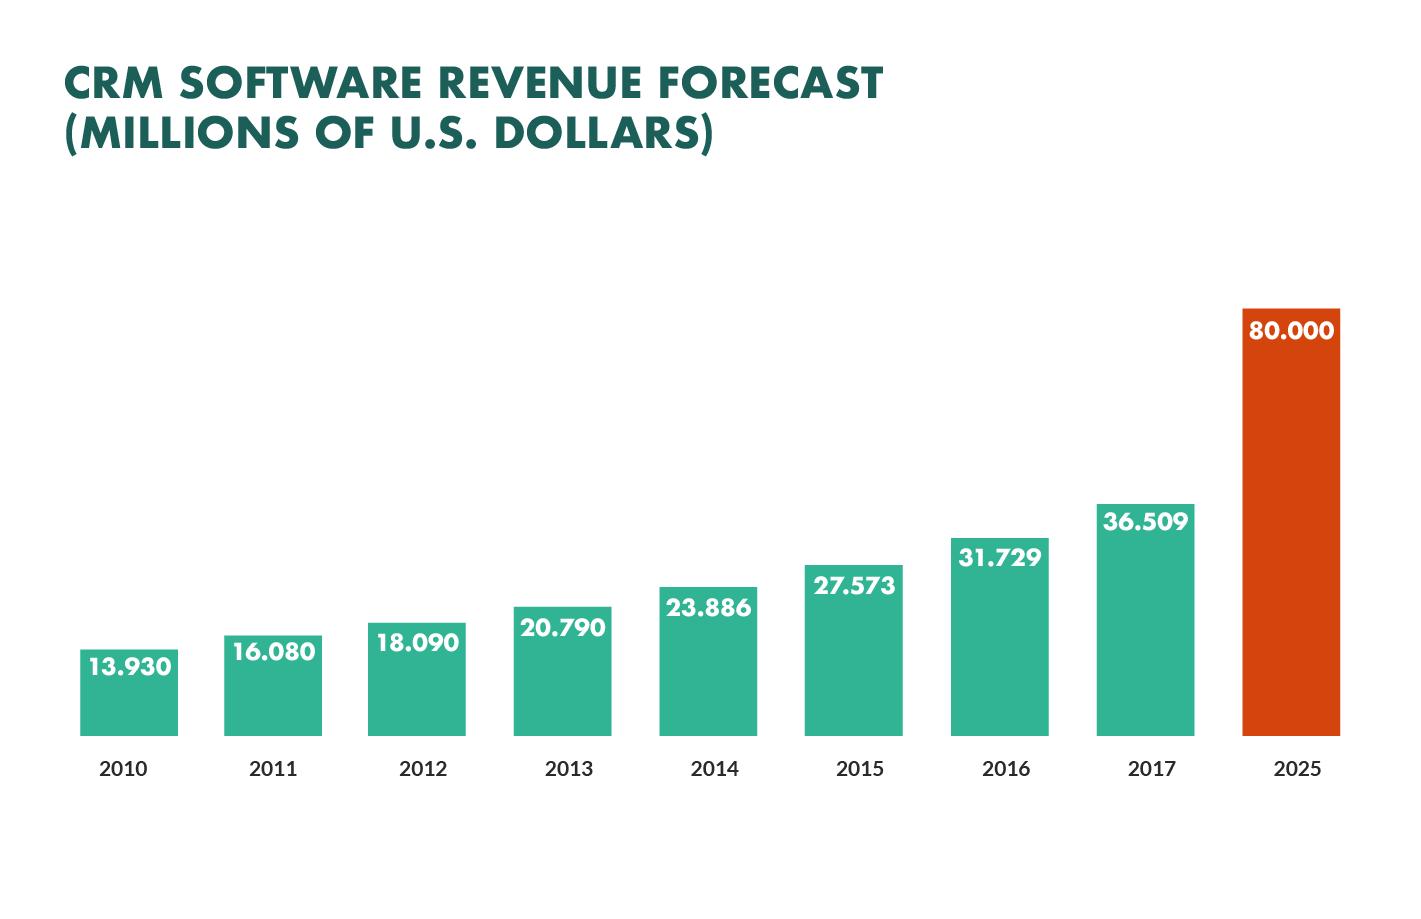 CRM software revenue forecast 2025